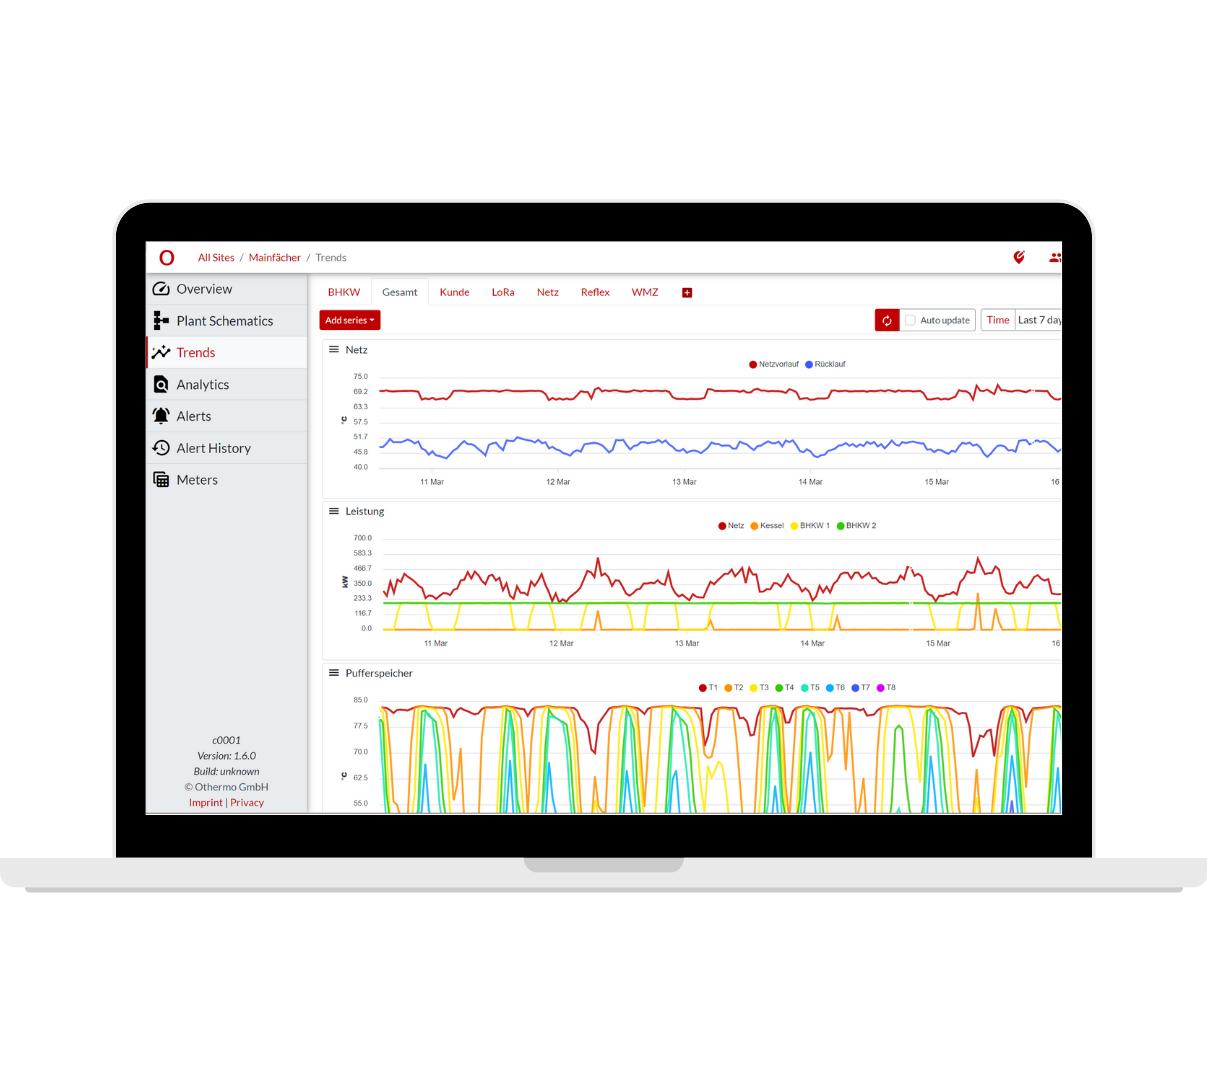 B2B-Plattform zur Steuerung und Auswertung von intelligenten Heizzentralen. Neben einem SCADA-Editor bietet es historische Datenanalysen und Alarm-Konfigurationen an. Wir bringen gemeinsam mit unserem Partner othermo die Industrie 4.o zu den Energiebetreibern.